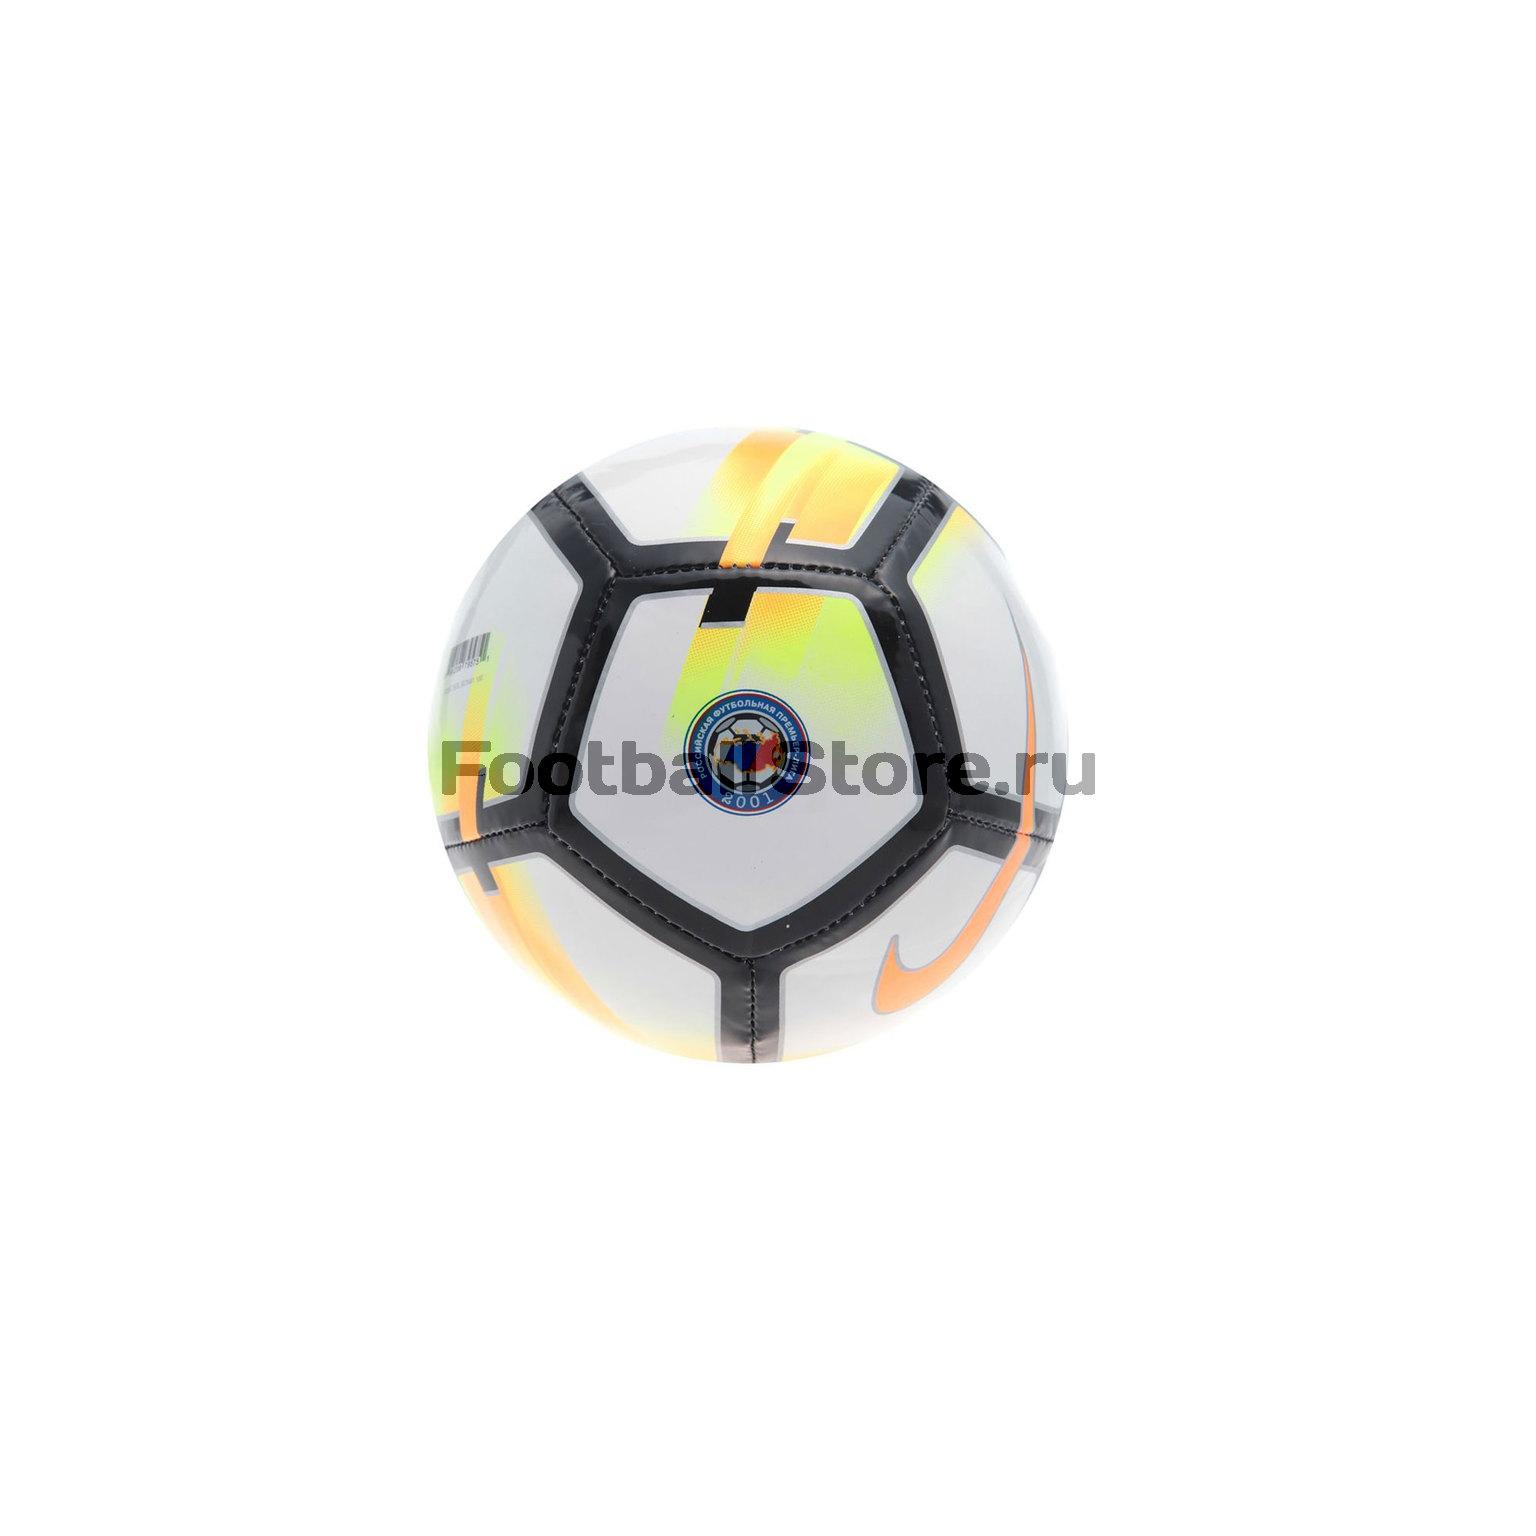 Футбольный сувенирный мяч Nike RPL Skls SC3491-100 салатник luminarc arty orange диаметр 27 см